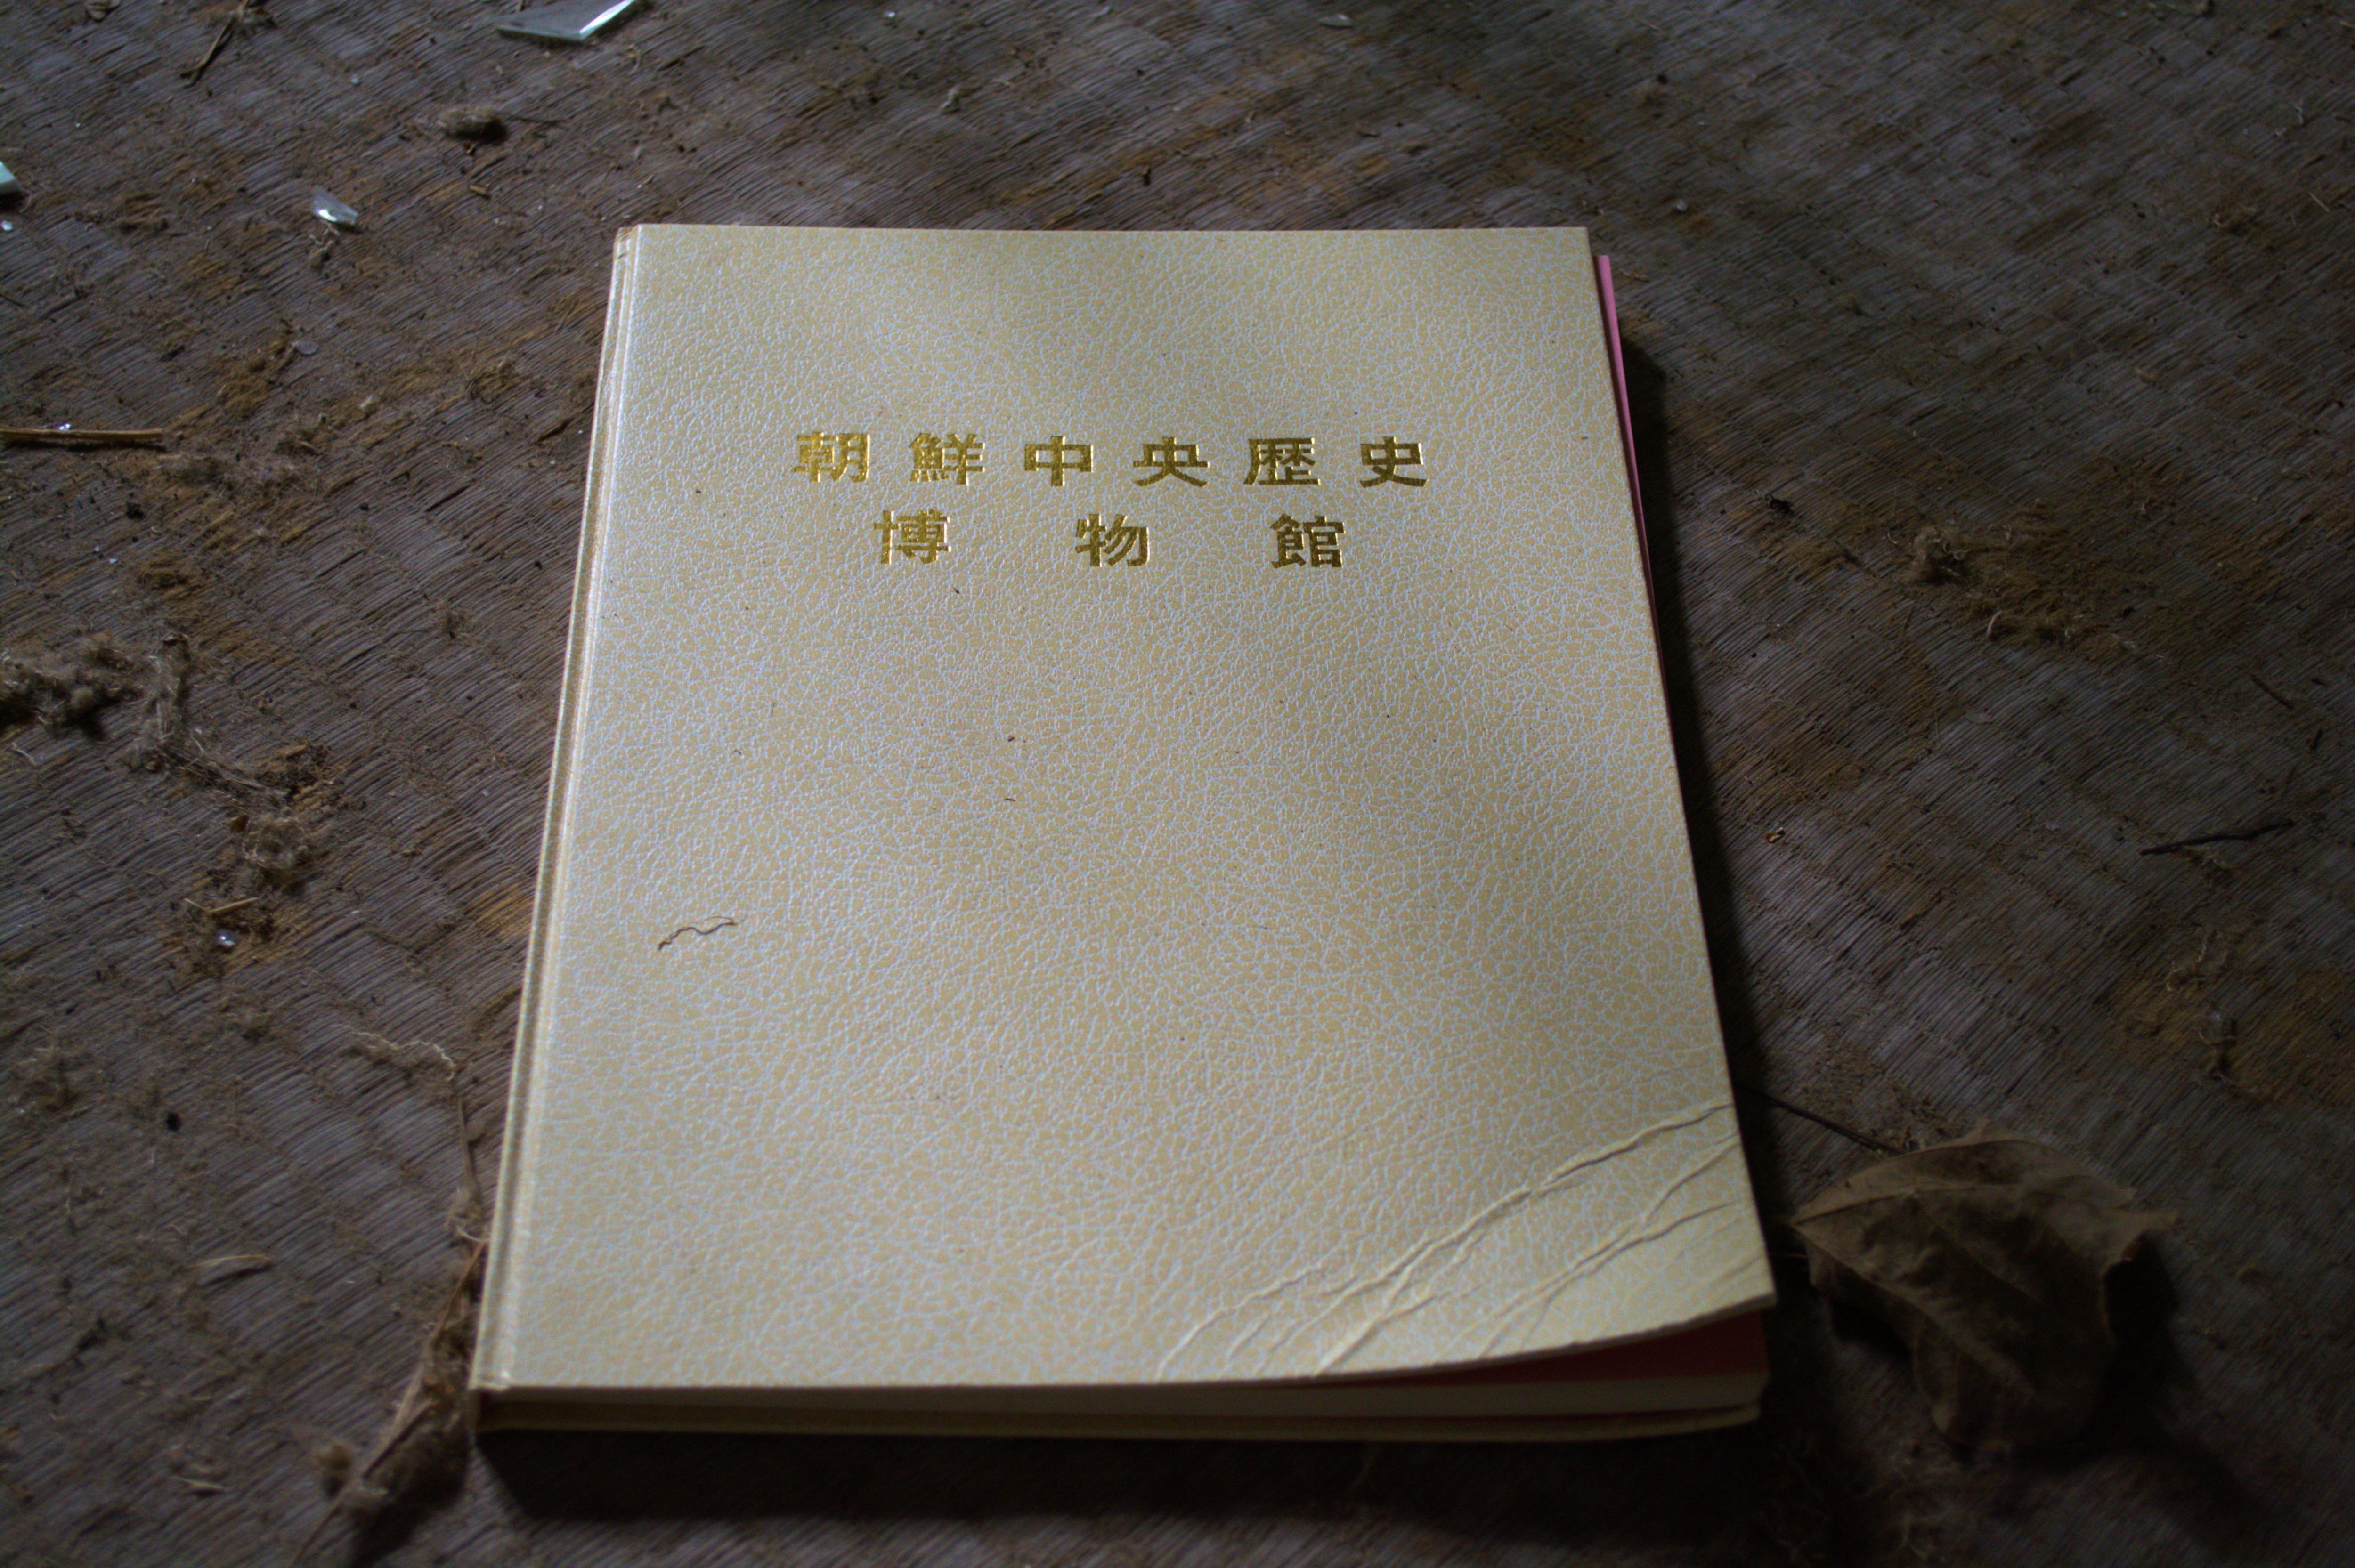 本ですね。